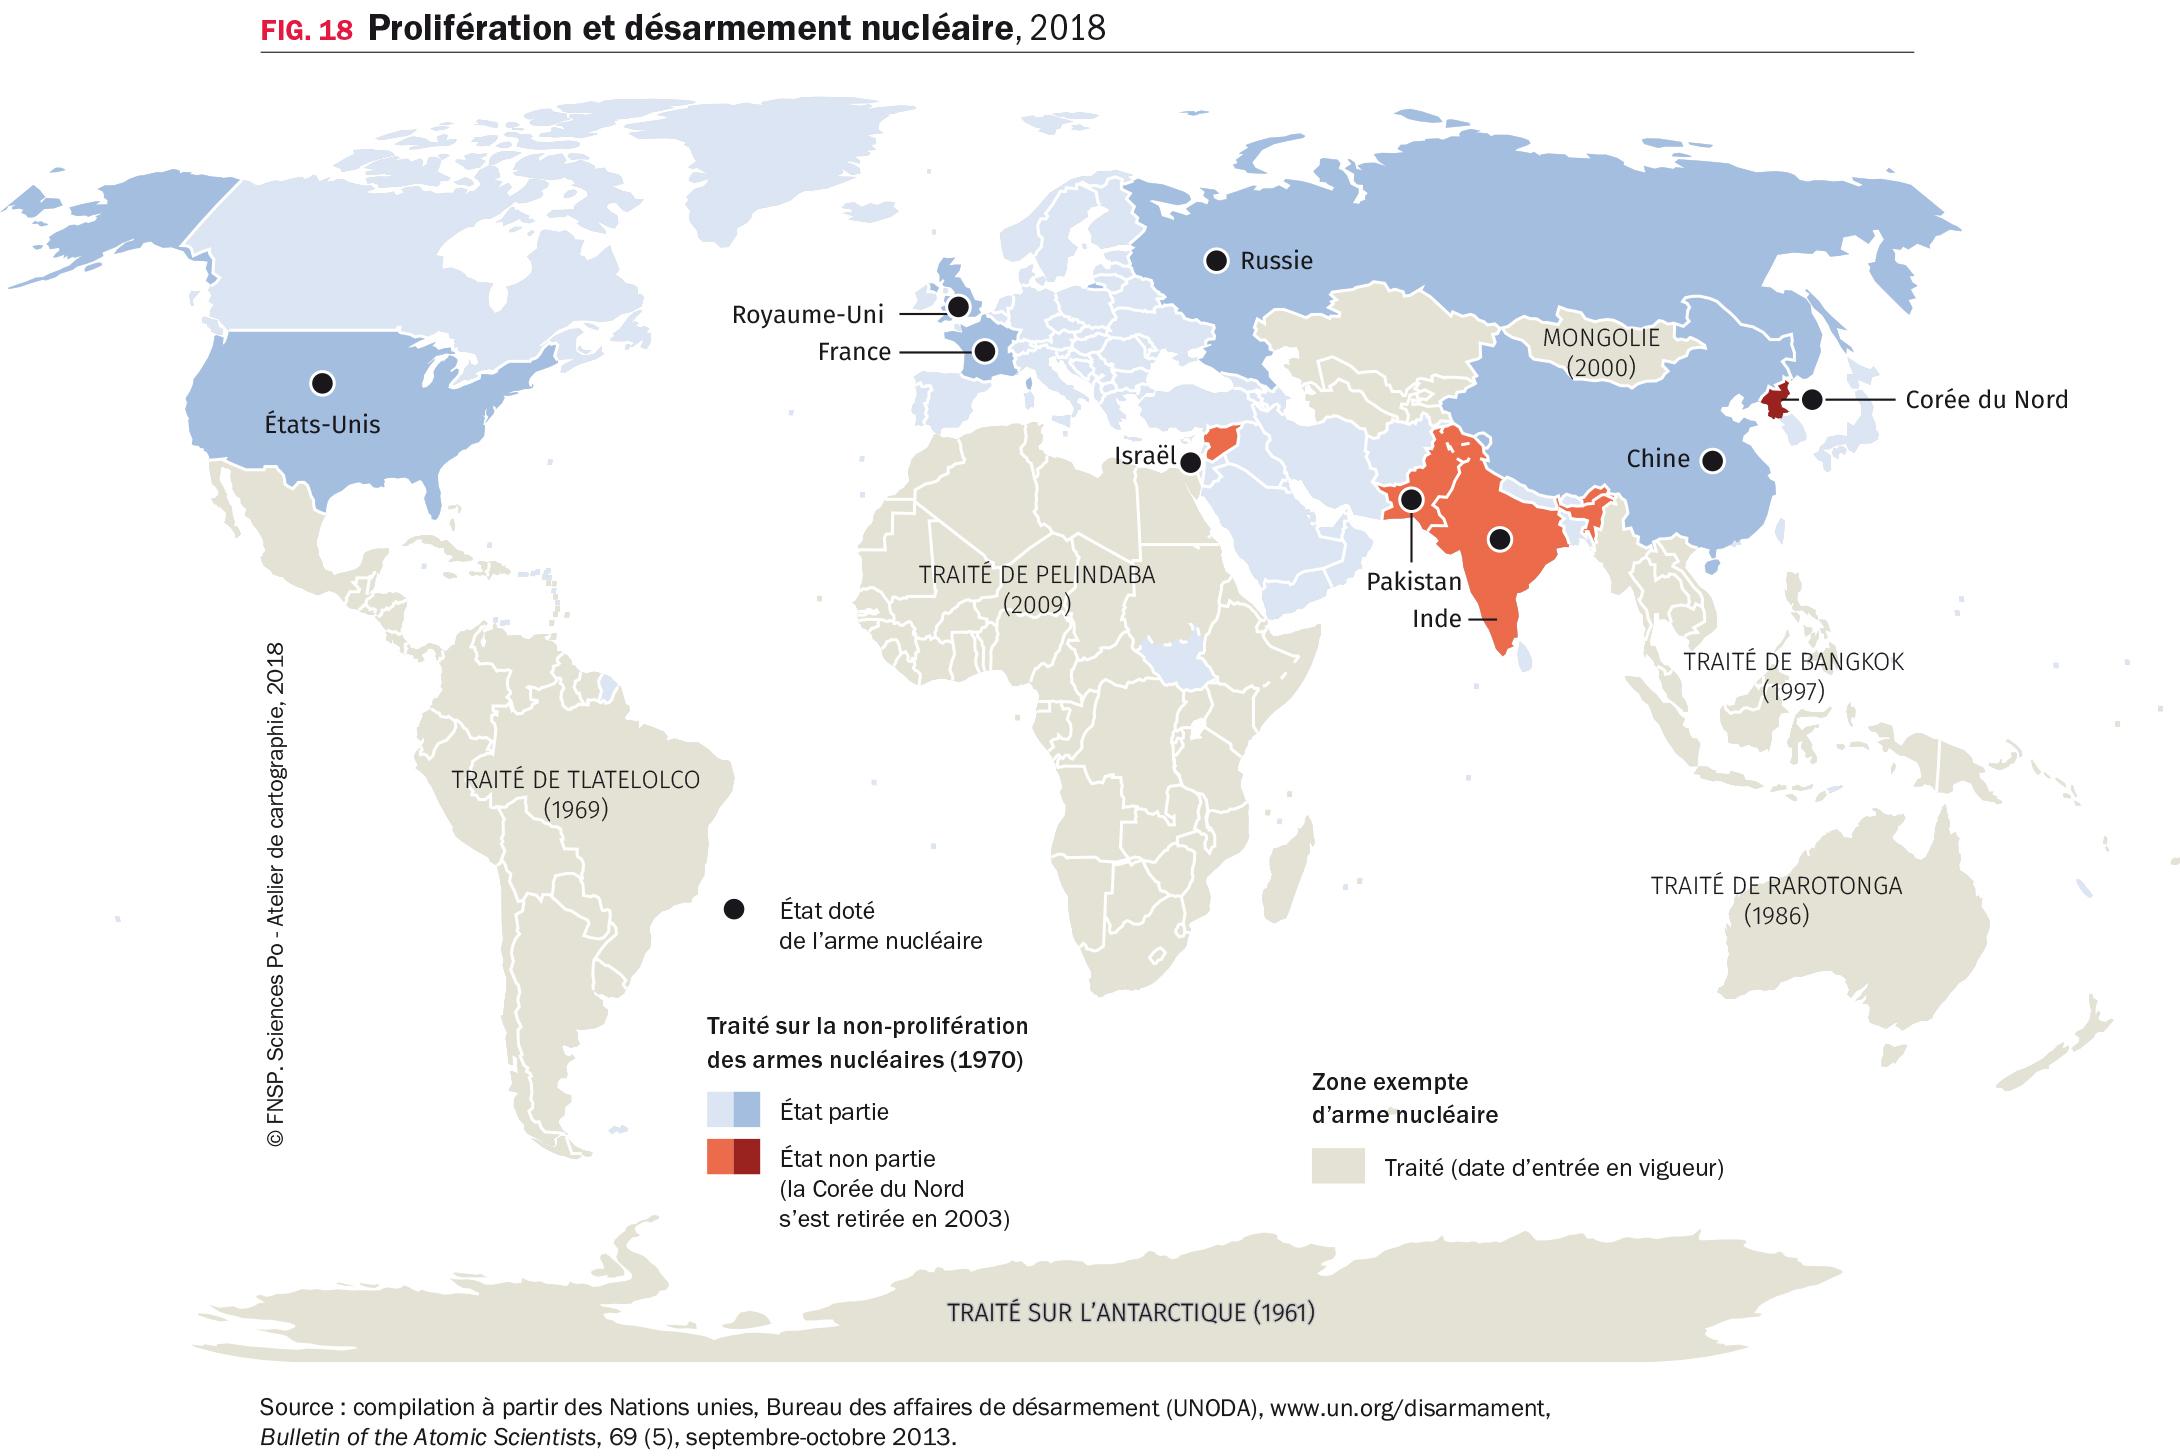 Prolifération et désarmement nucléaire, 2018